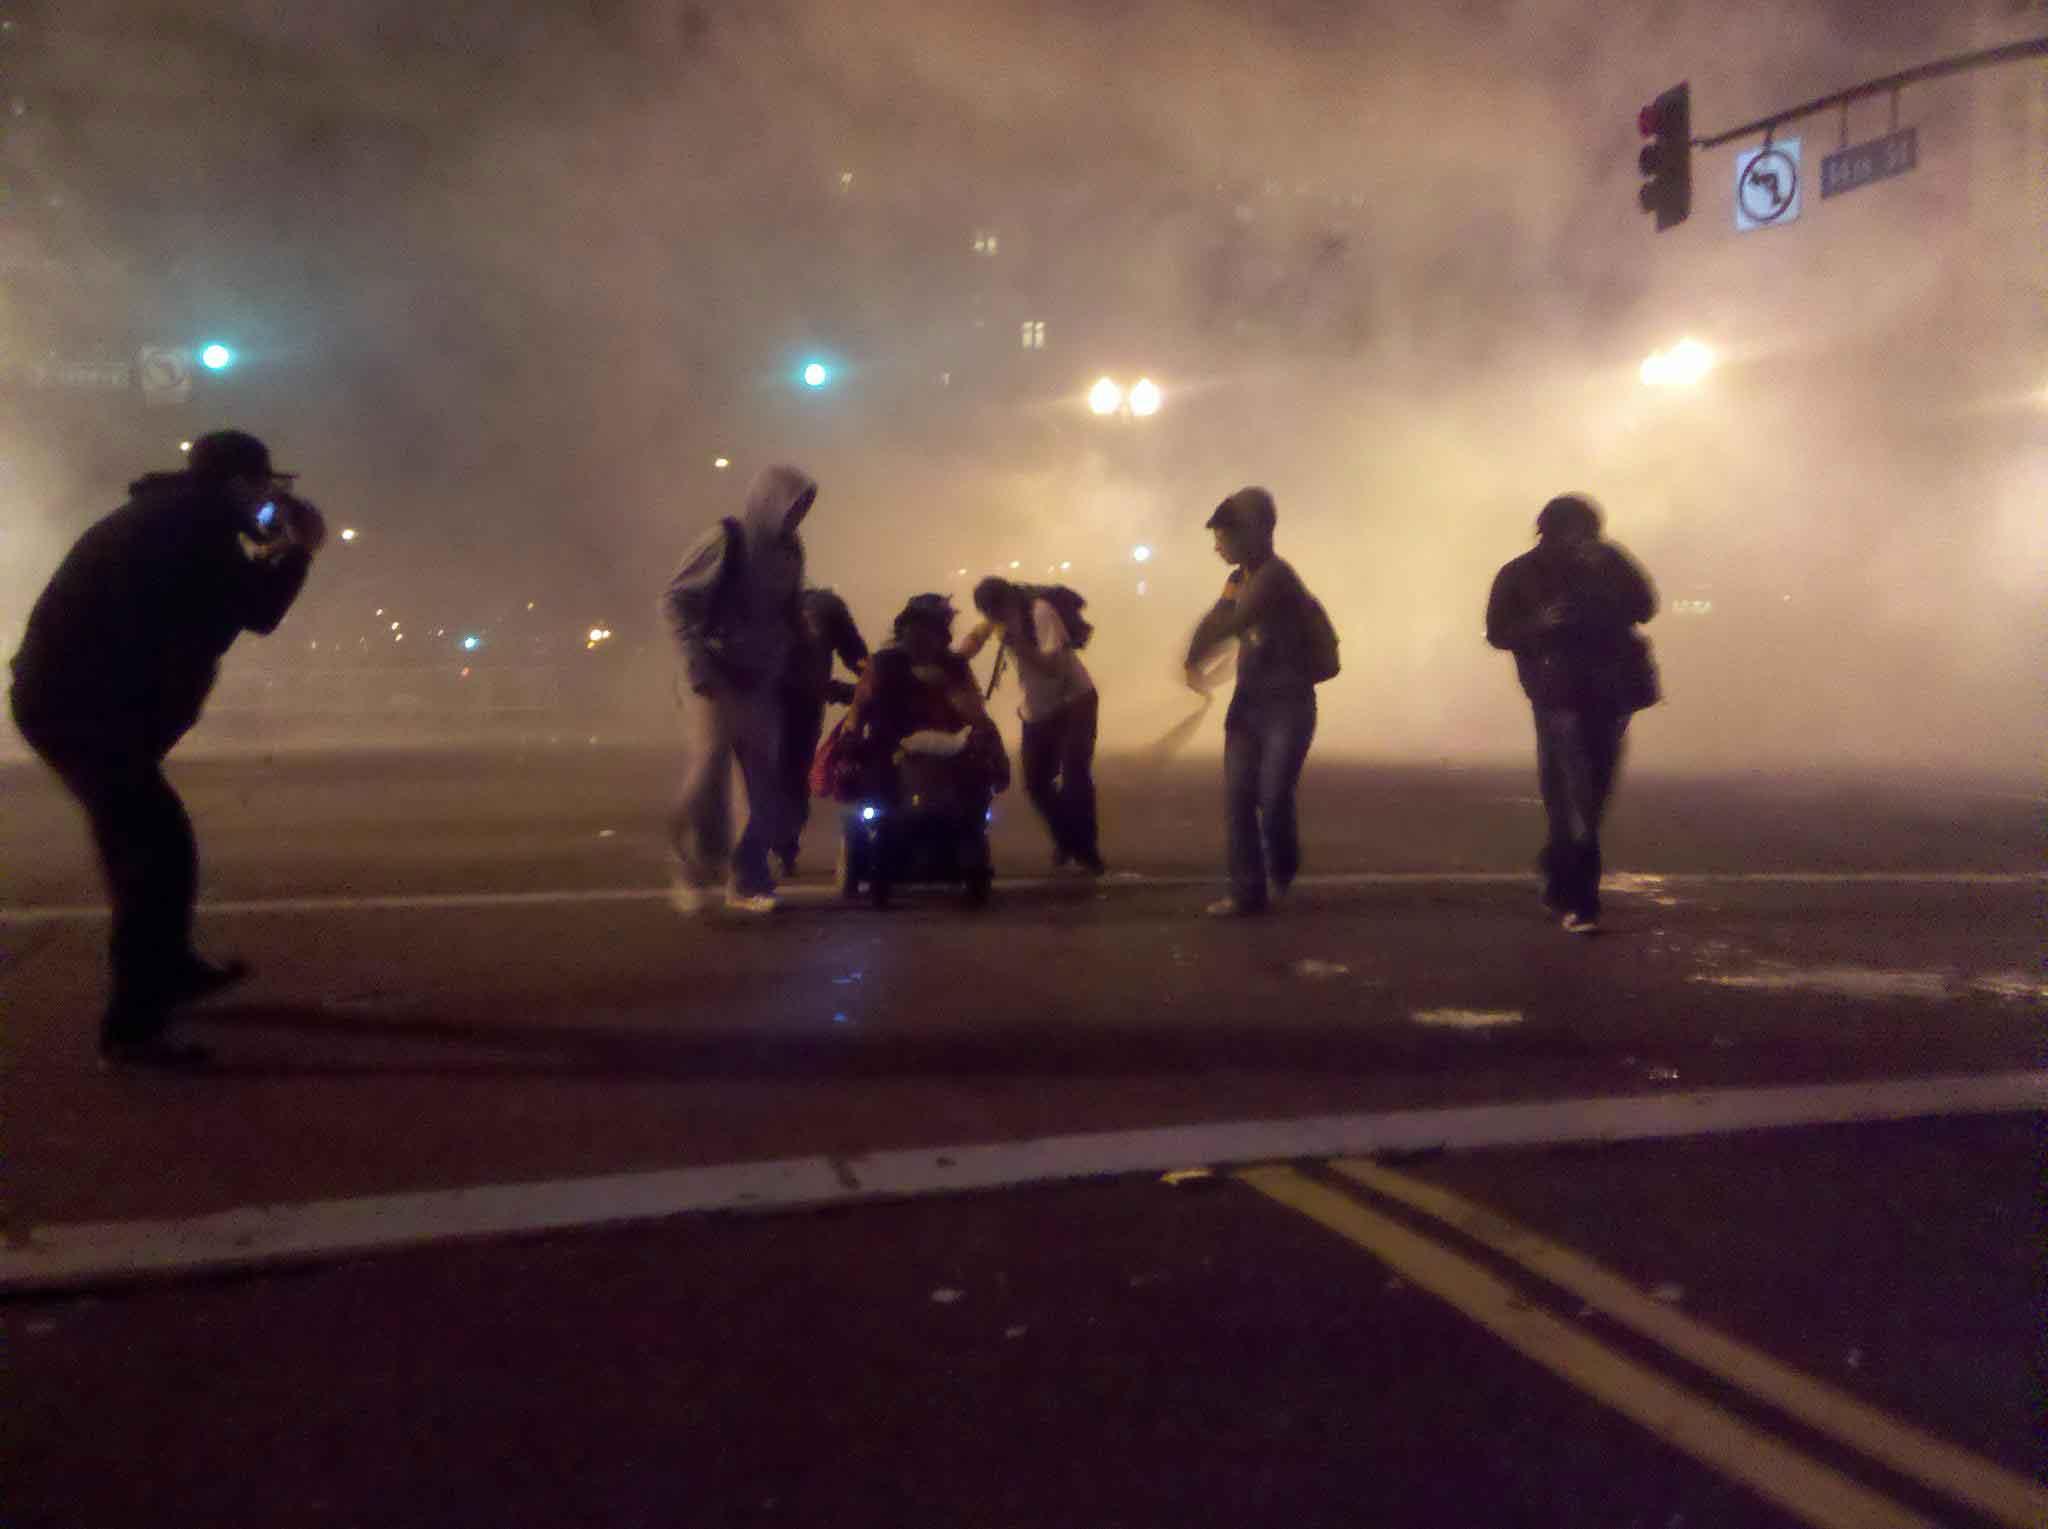 Manifestantes-ayudan-a-una-mujer-en-una-silla-de-ruedas-a-escapar-del-gas-lacrimógeno.-Oakland-EEUU-2011.